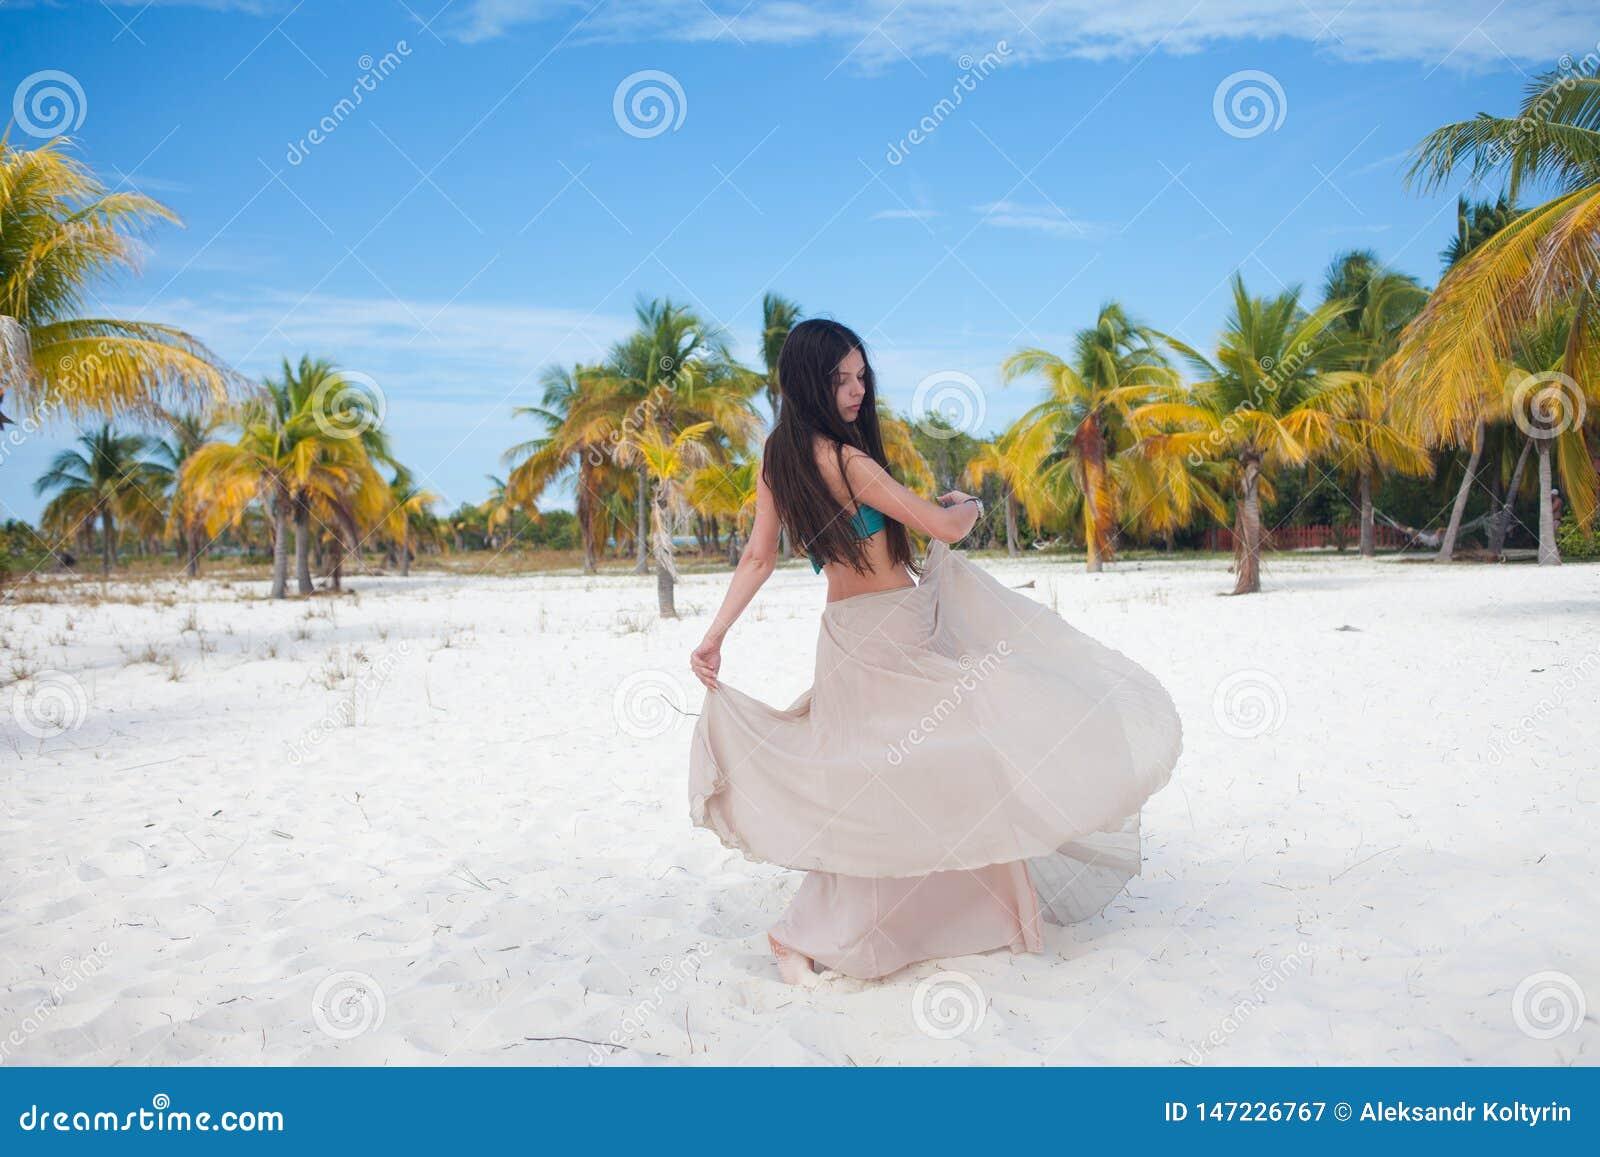 La muchacha viaja al mar y es feliz Baile moreno atractivo joven de la mujer que agita su falda contra paisaje tropical